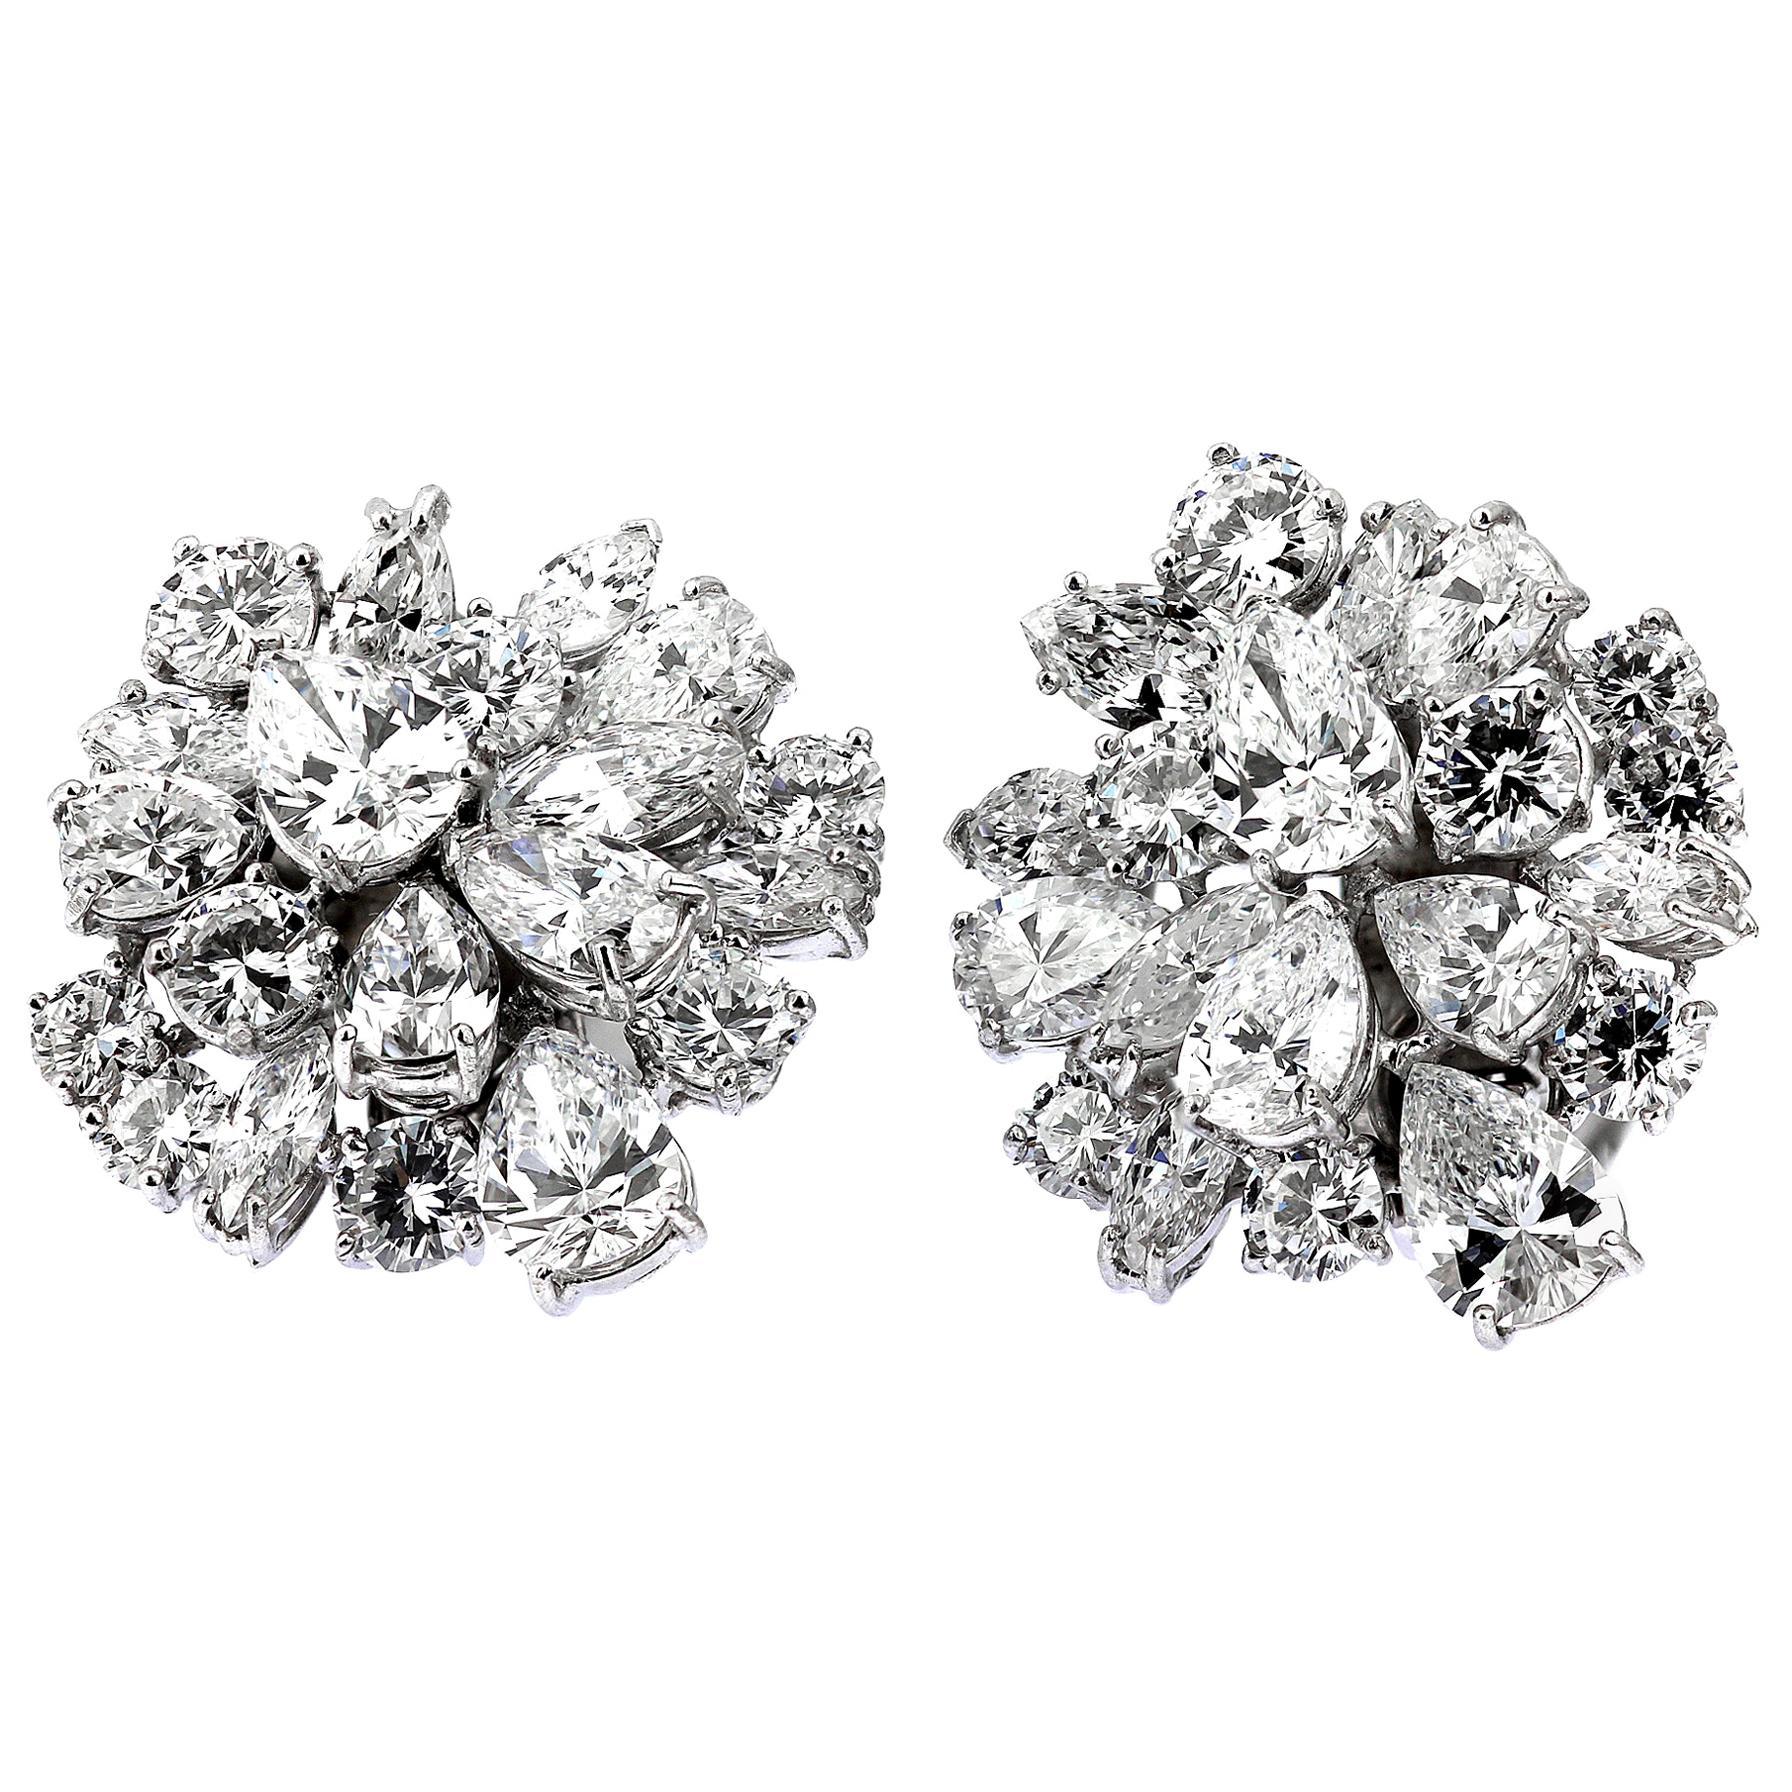 Retro/Vintage Certified Diamonds D-F Clip-On Statement Earrings/Pendant/Brooch